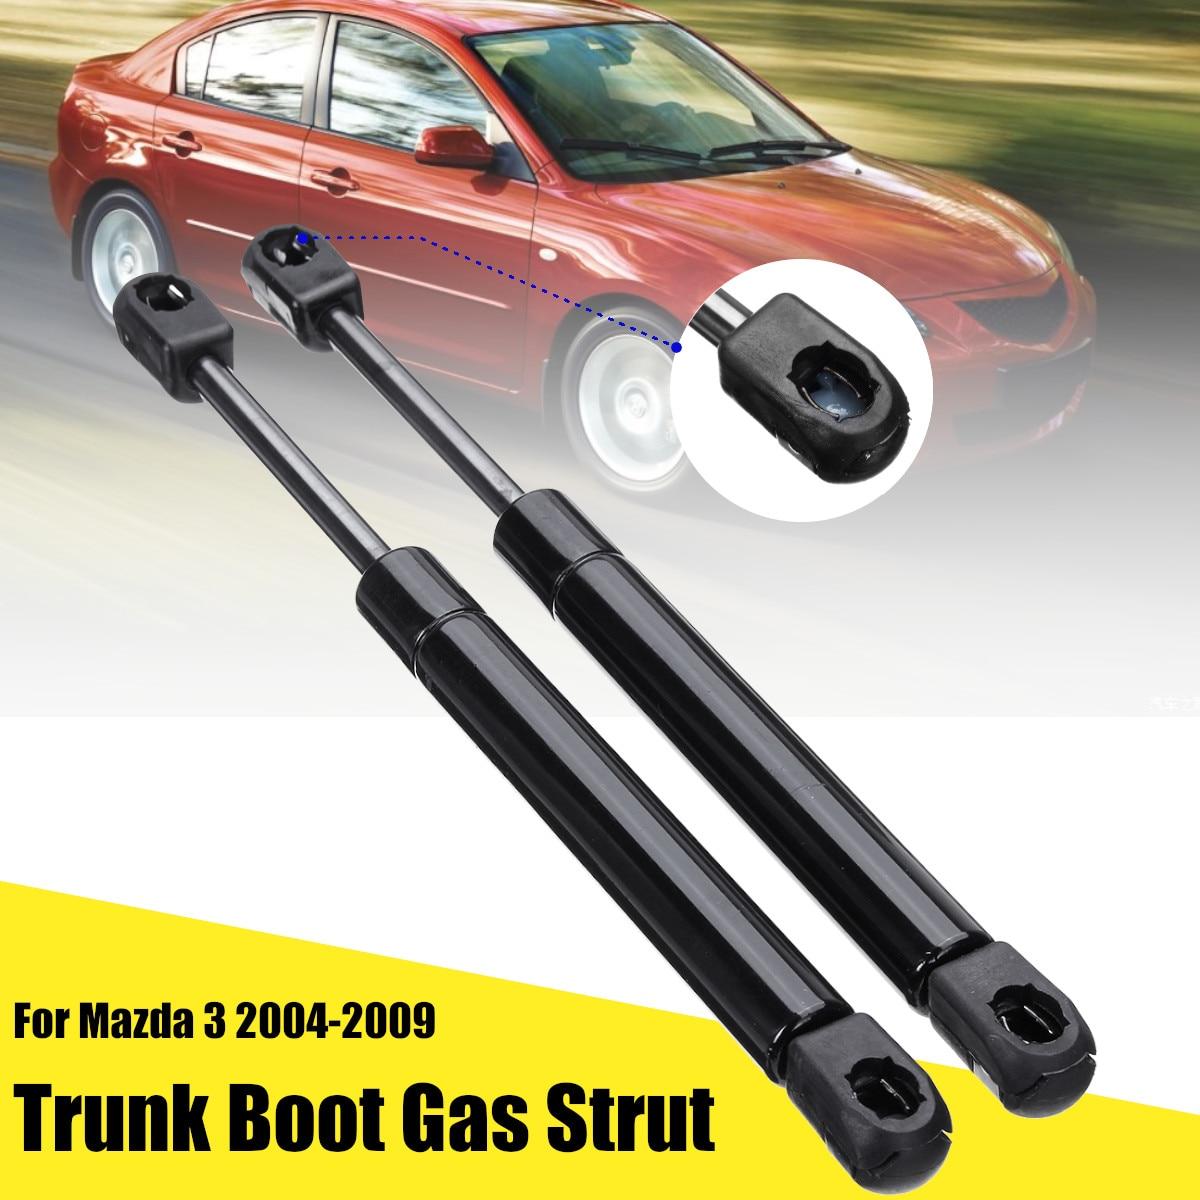 2 sztuk tylna klapa samochodu Trunk Boot sprężyna gazowa zawieszenia wsparcie podnoszenia dla Mazda 3 2004-2009 BN8W56930 BN8V56930 BN8W56930A